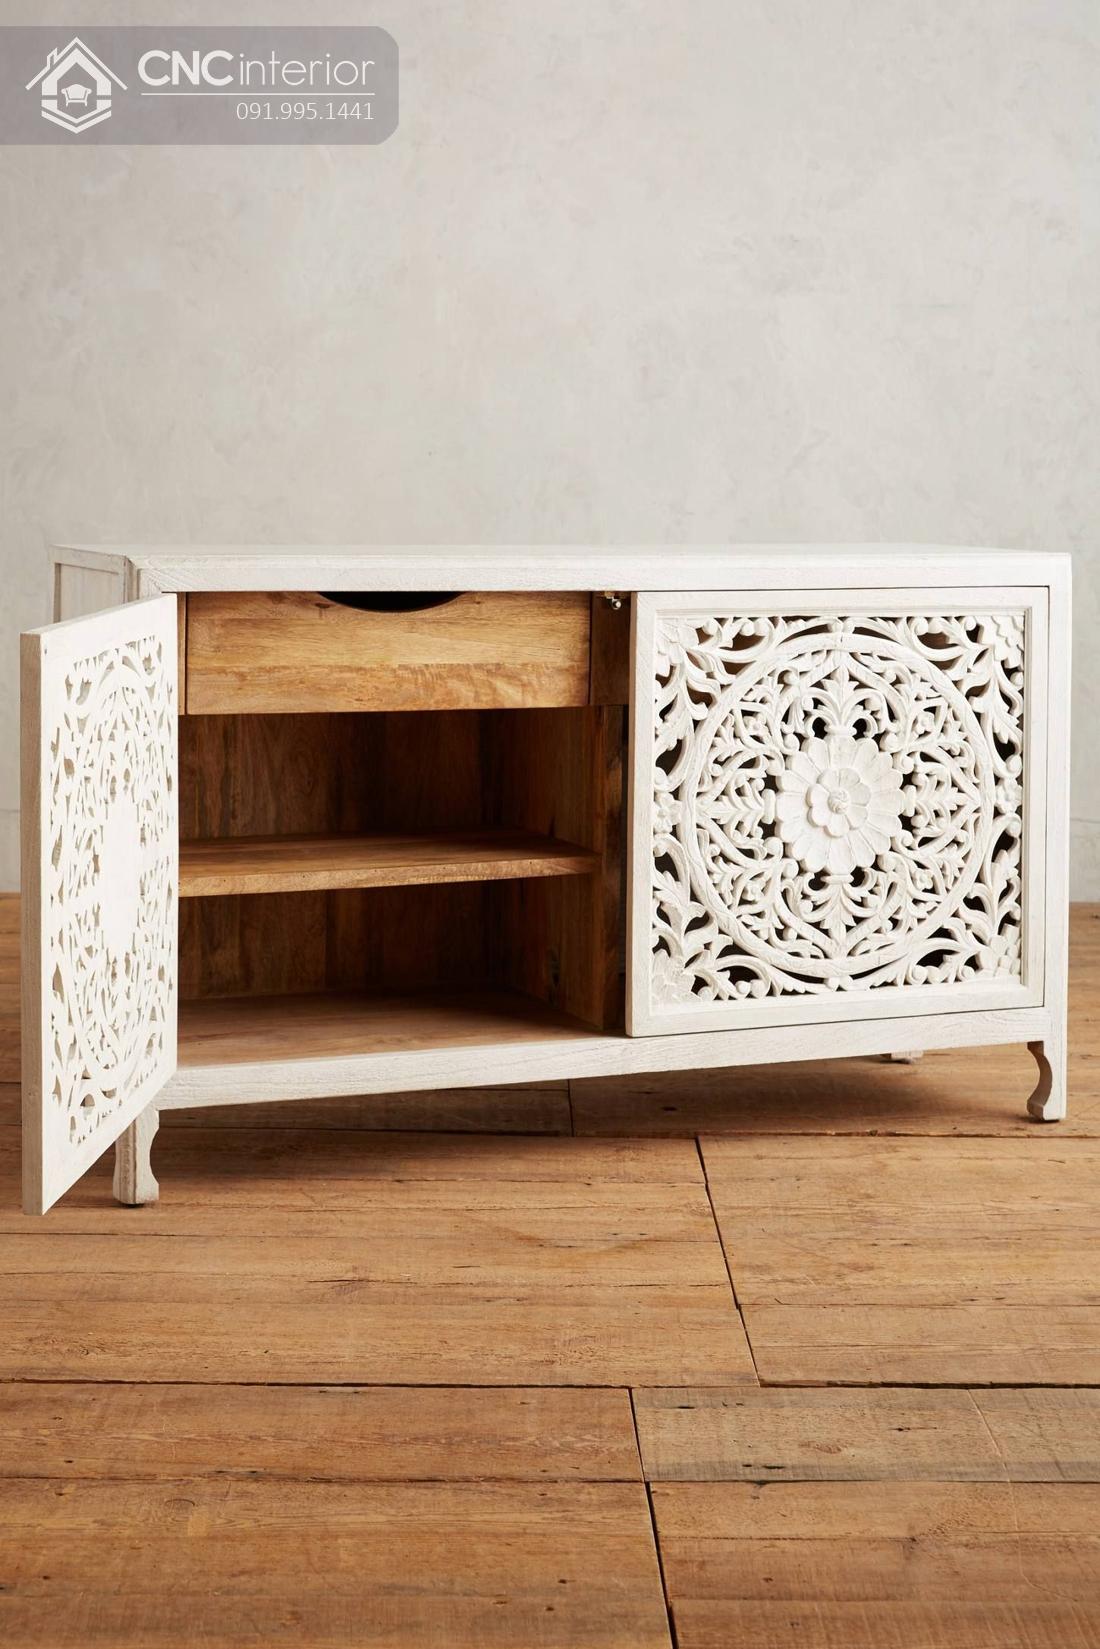 tủ đựng giày dép bằng gỗ tphcm 15